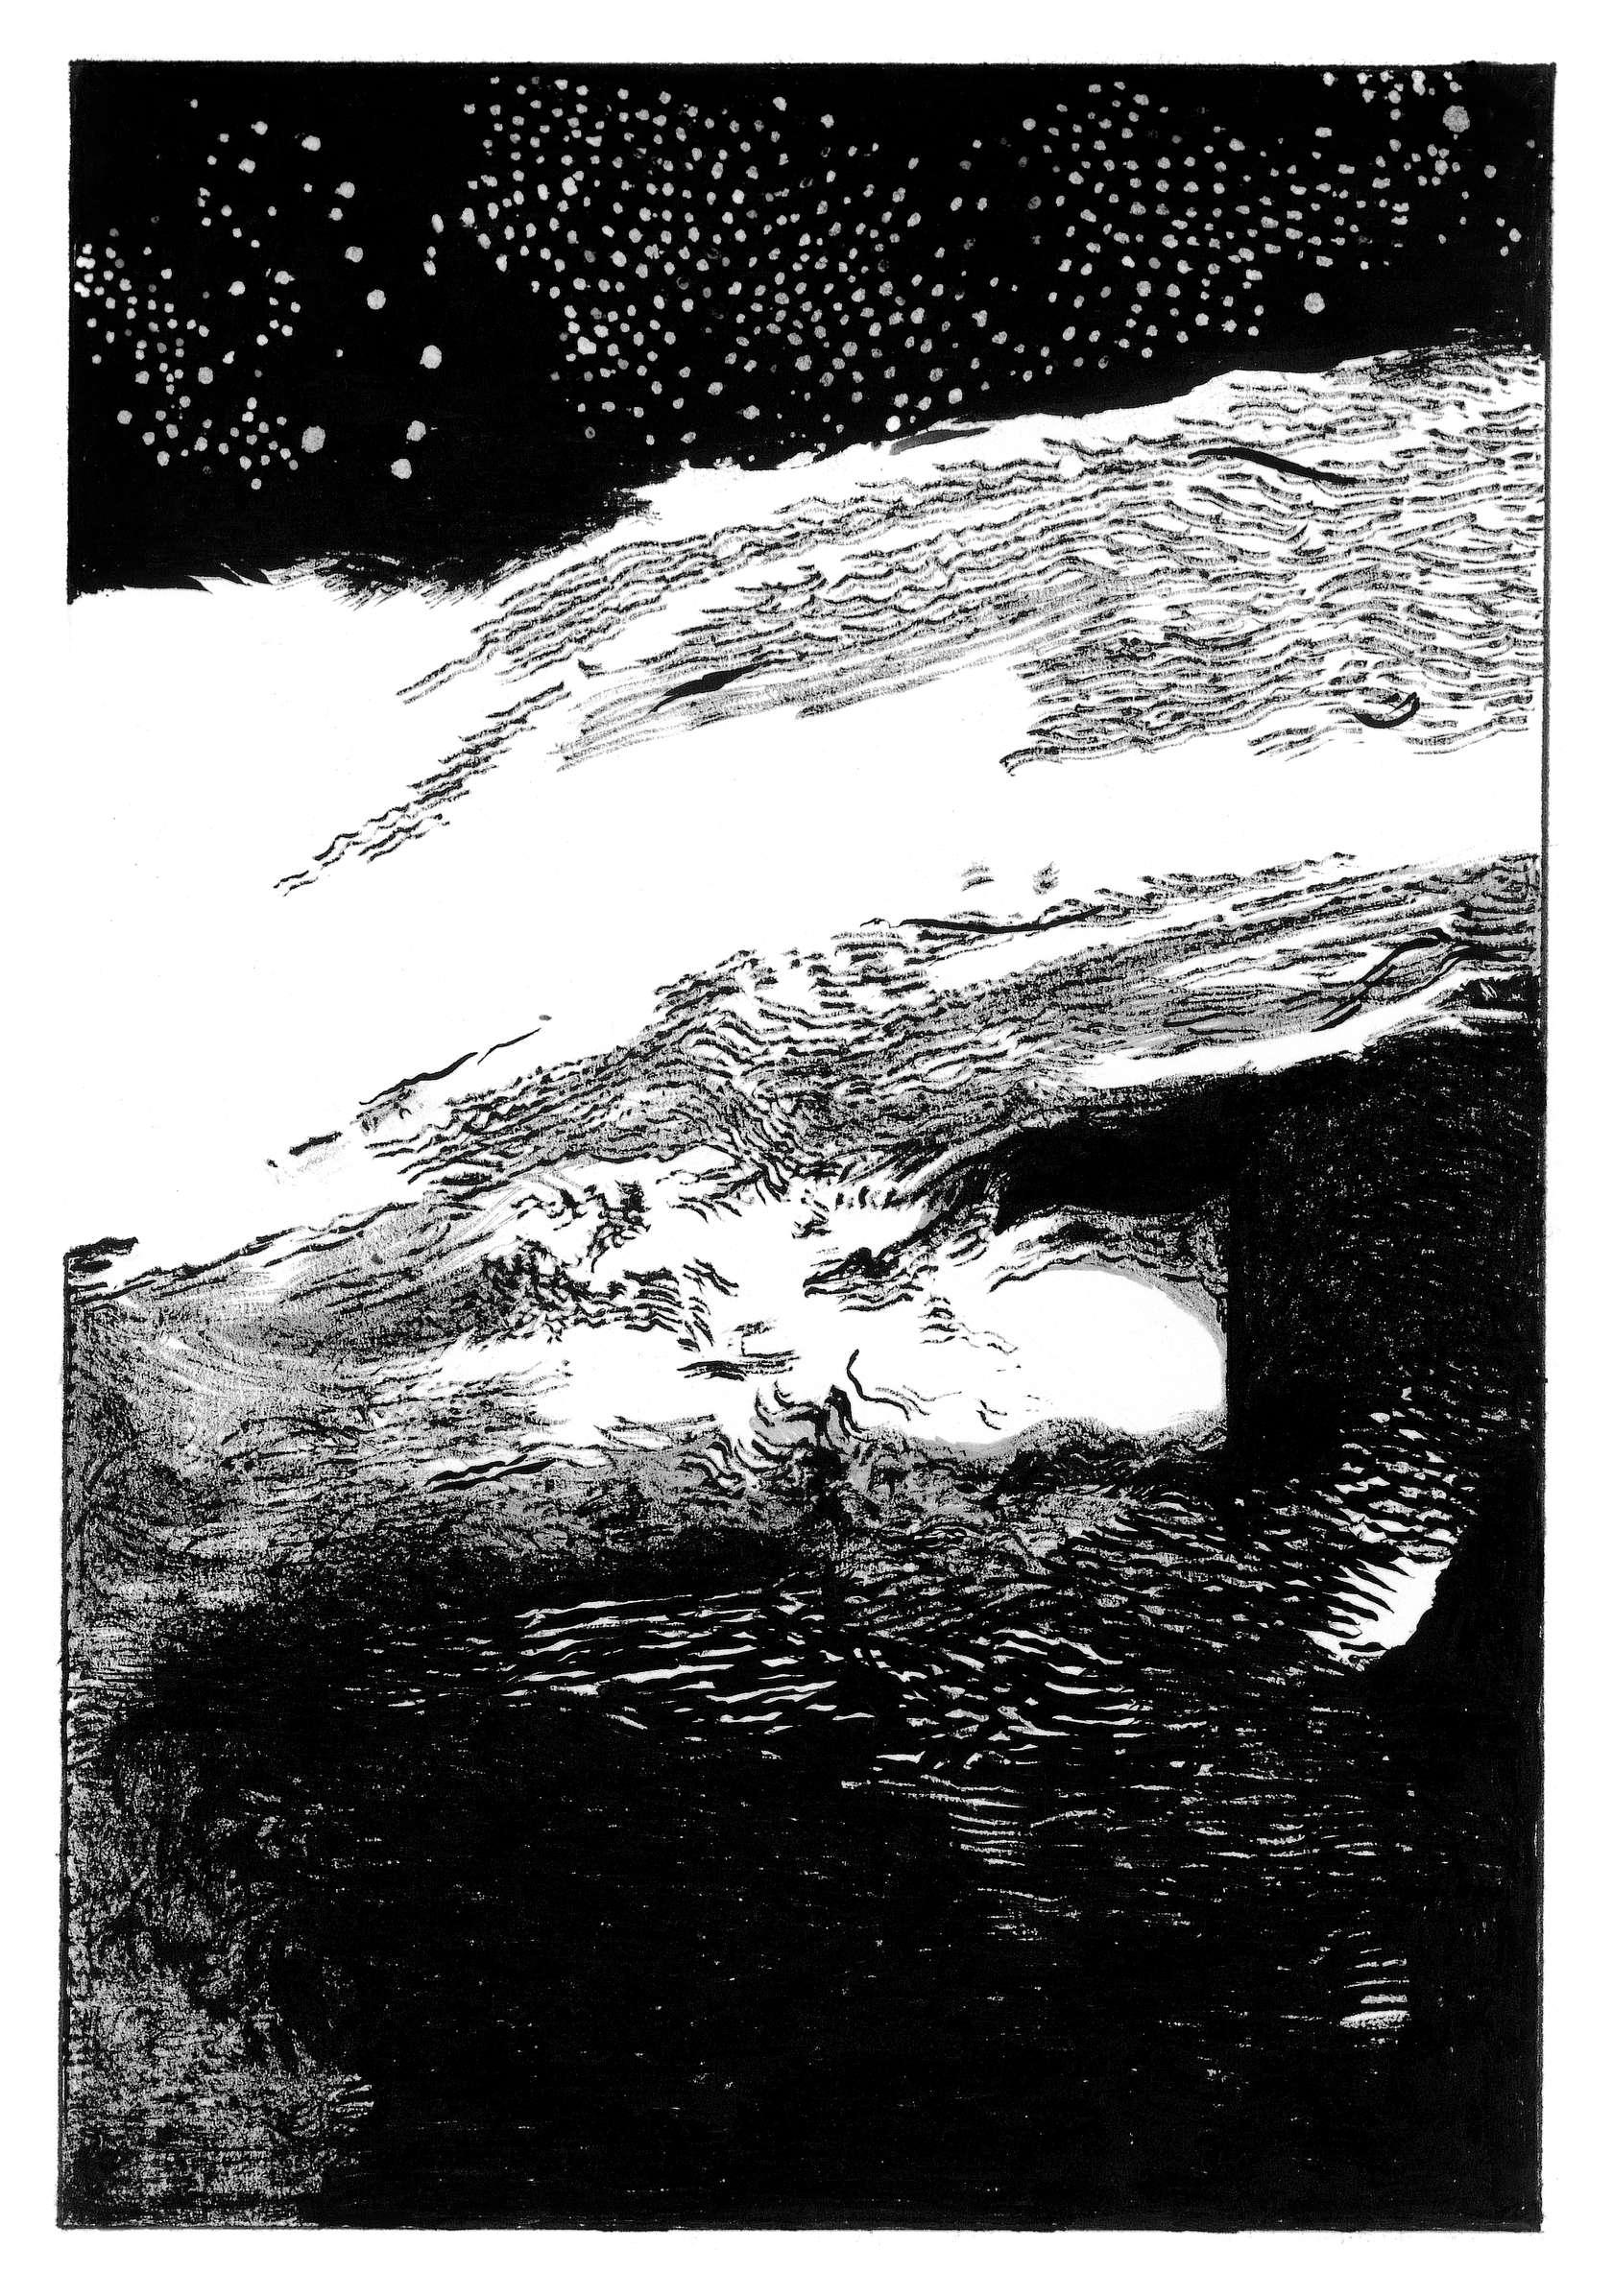 Julien Tiberi, Symphonic Lava, 2019 Encre et mine de plomb sur papier17.5 × 12 cm / 6 7/8 × 4 6/8 in.